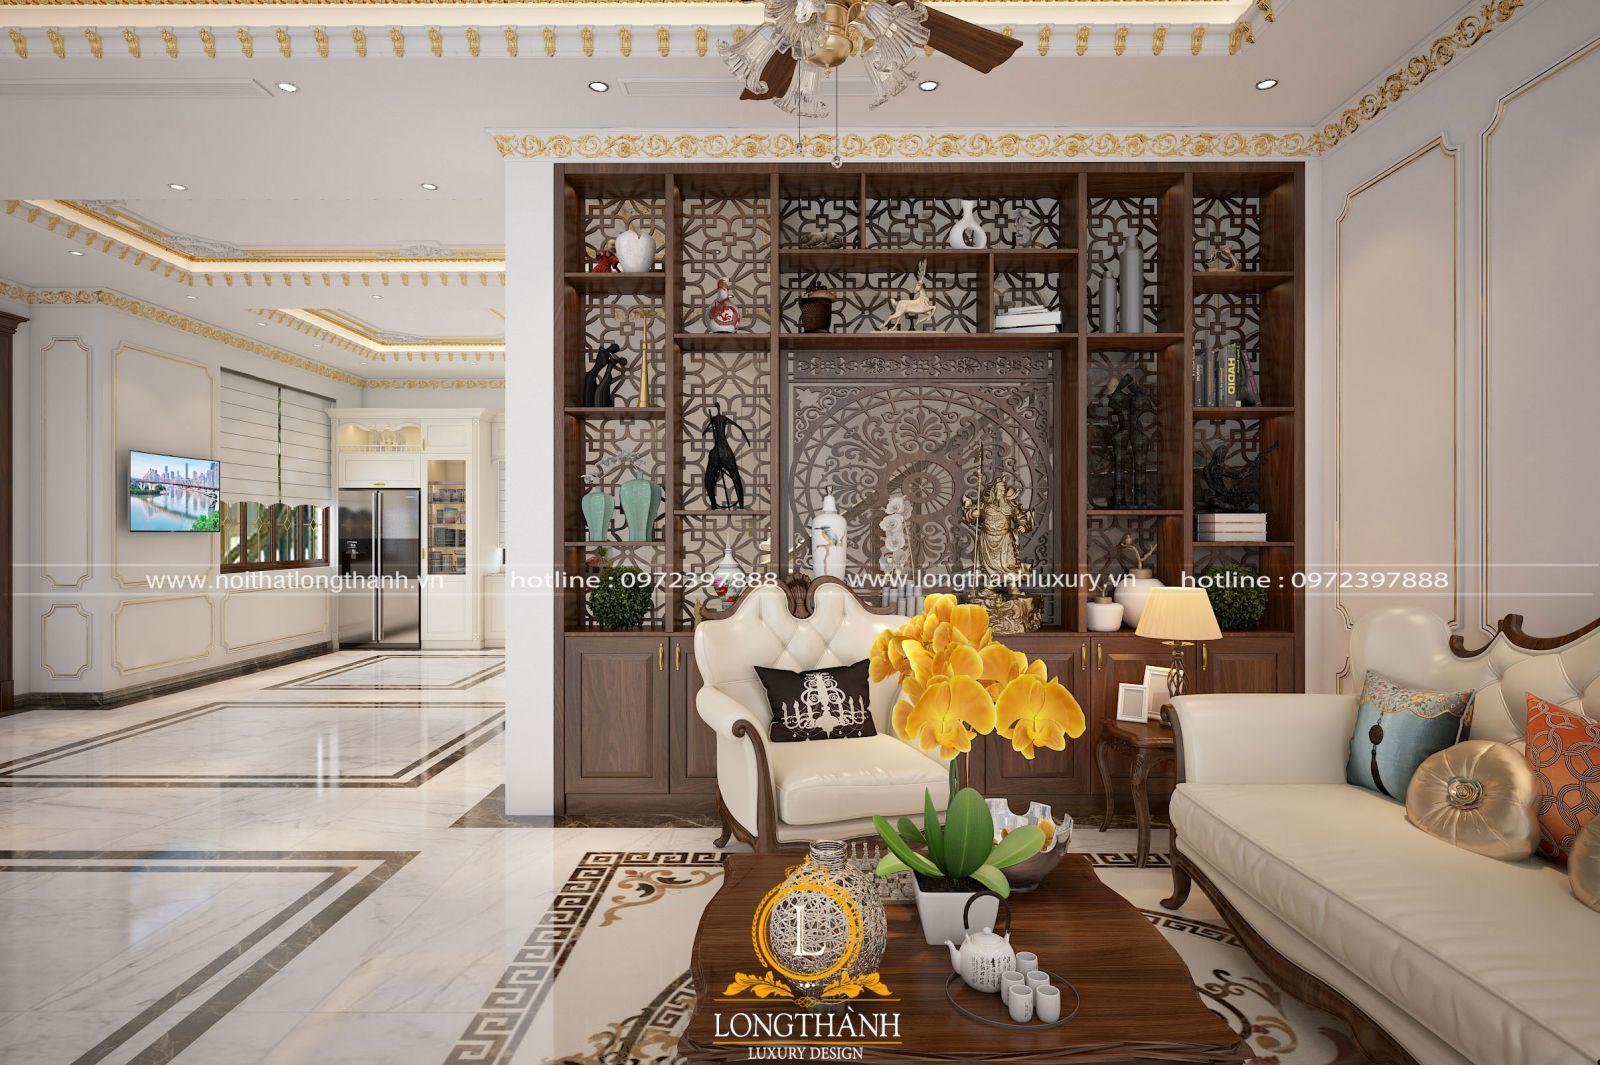 Tủ decor trang trí giúp phòng khách thêm sang trọng